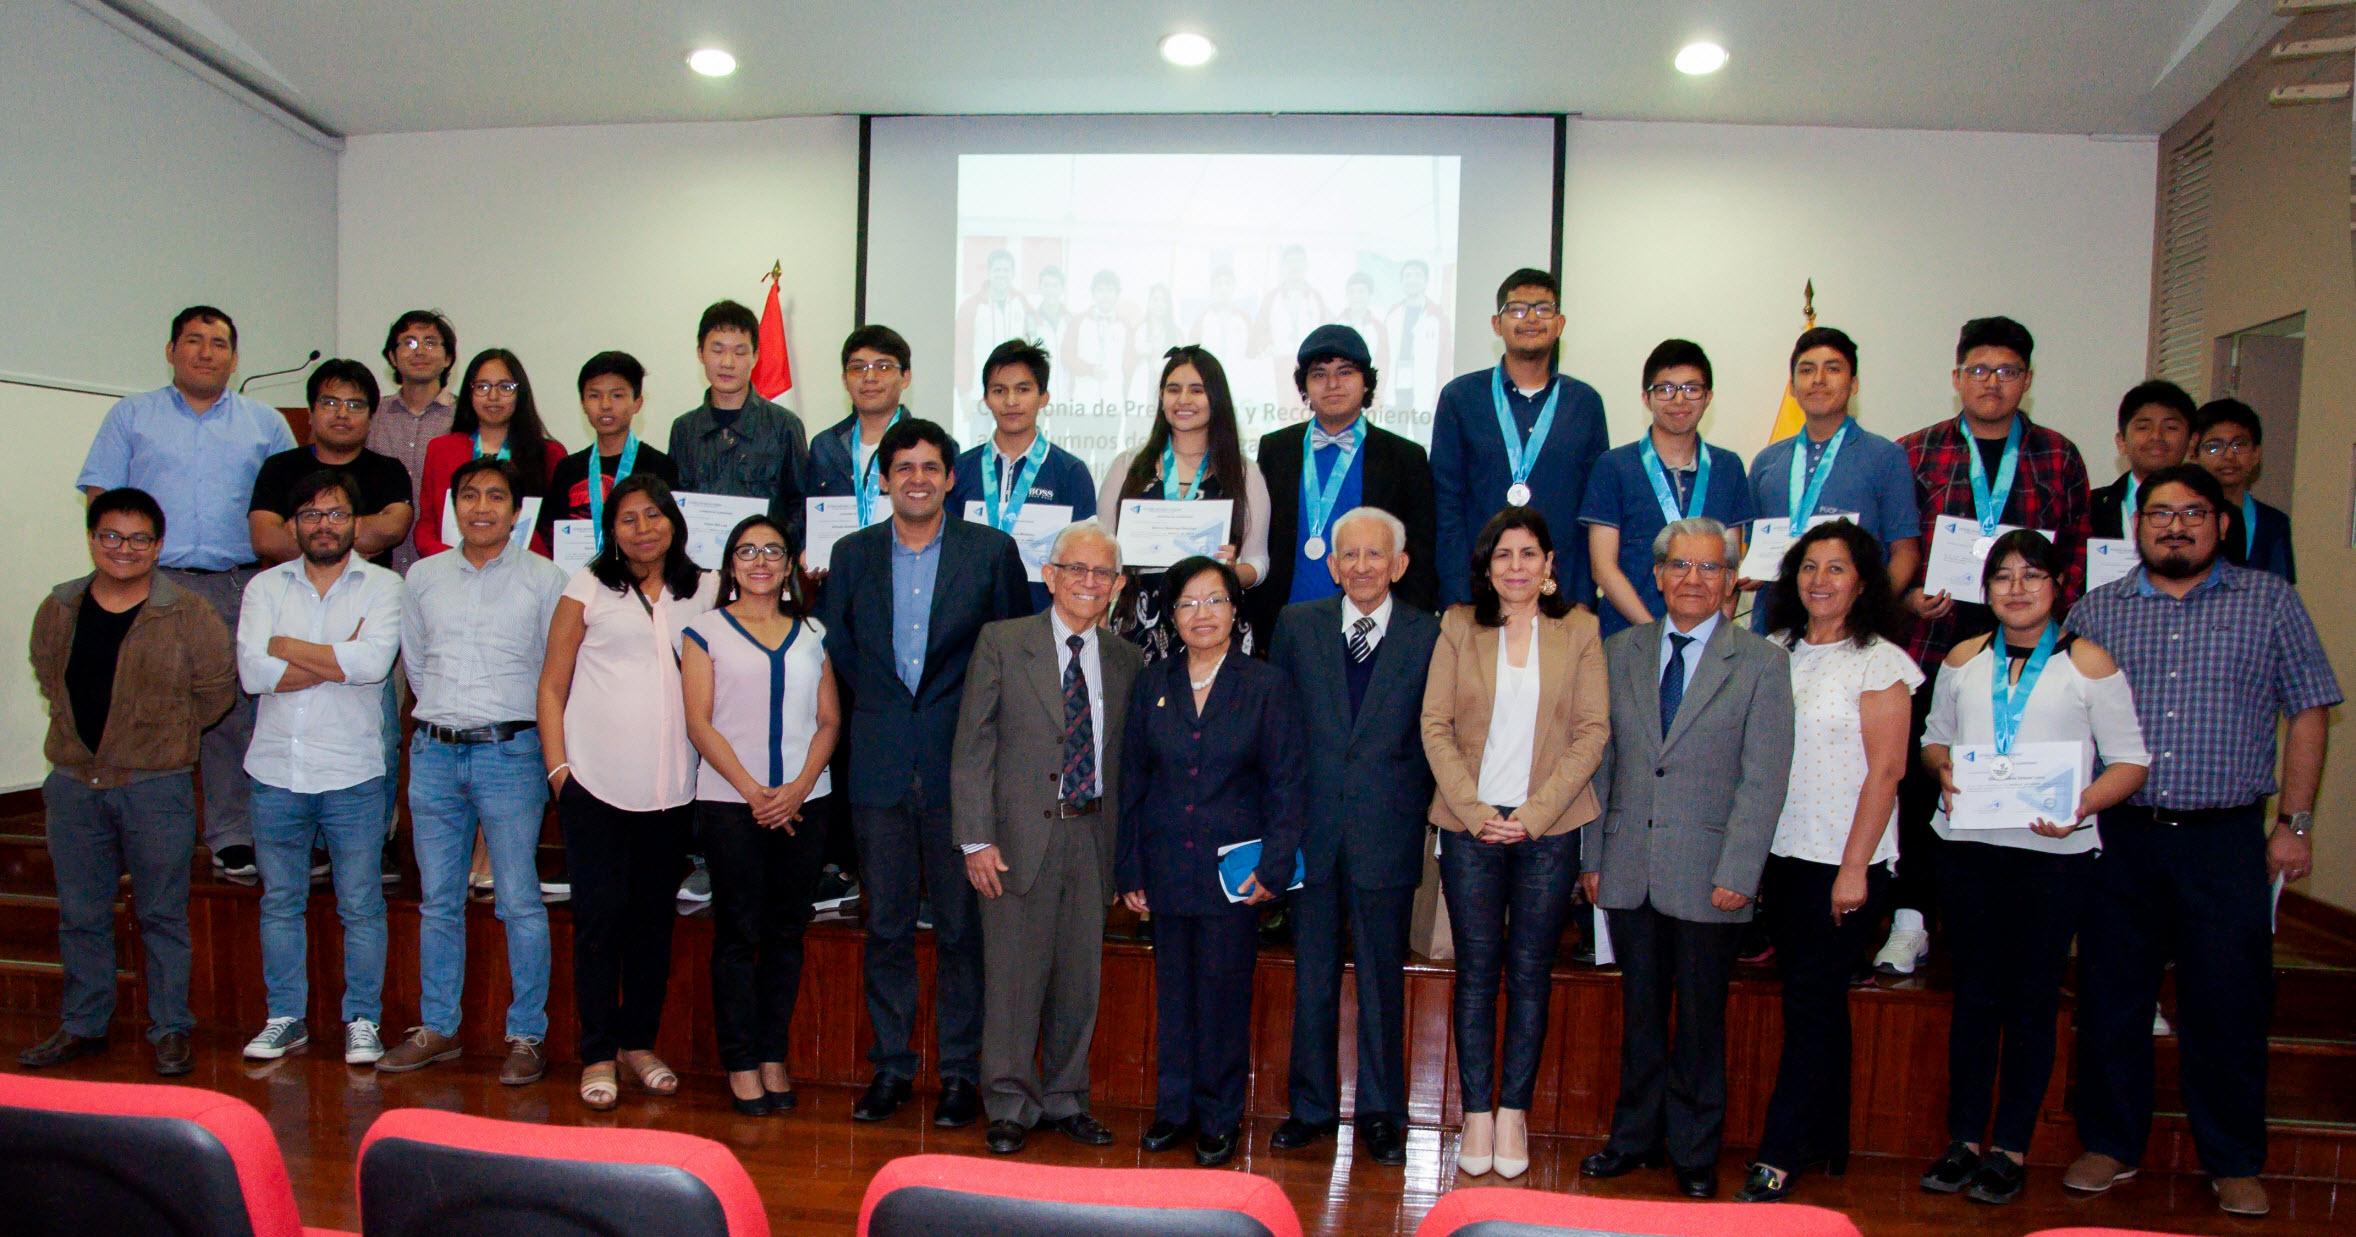 Ceremonia de reconocimiento de las delegaciones peruanas de las Olimpiadas Internacionales de Matemáticas 2019